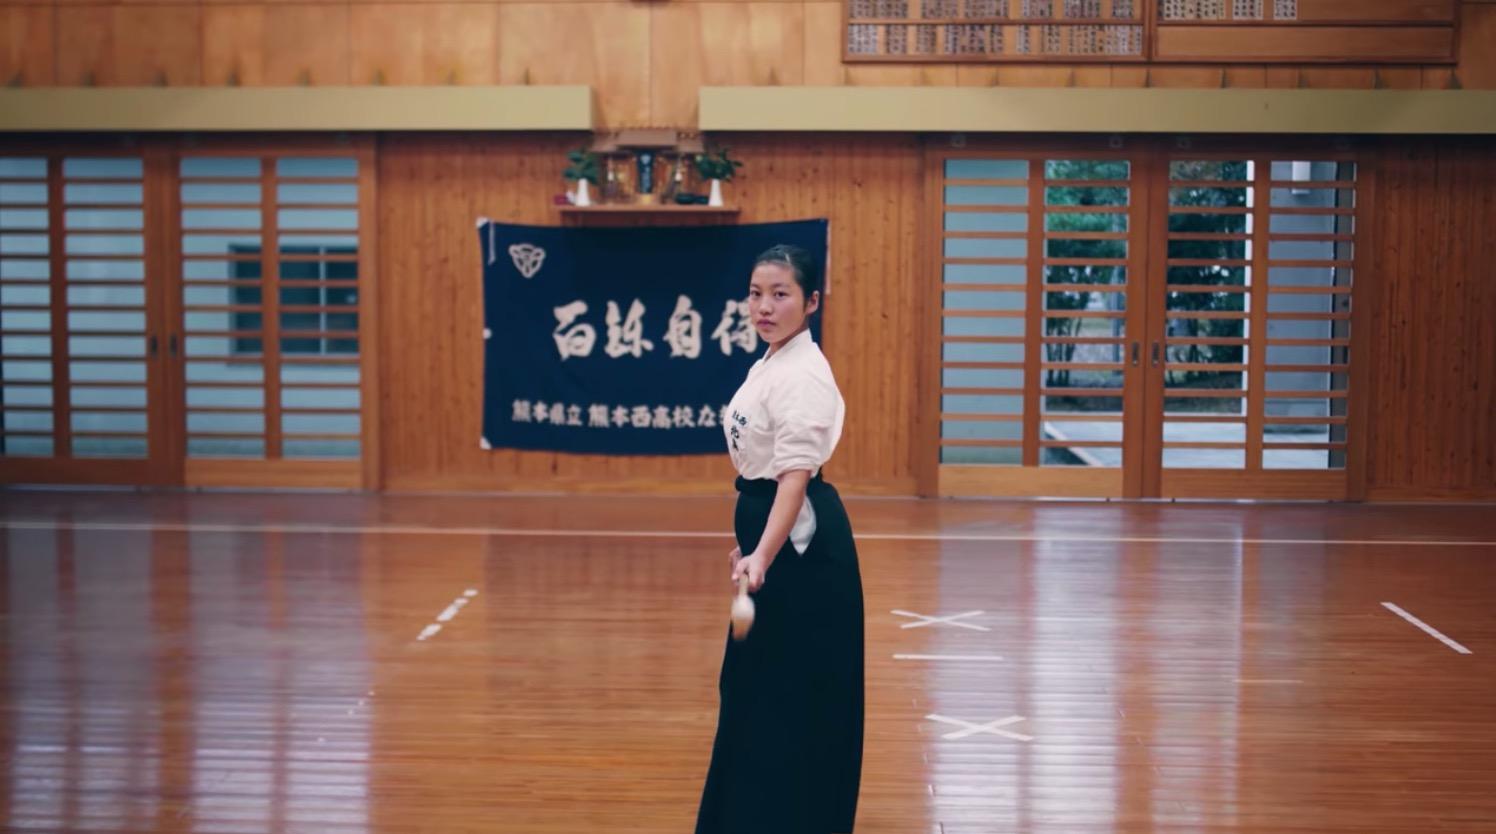 薙刀(熊本西高校)について調べたよ。百錬自得の精神で頑張っている高校生達ば応援せなん!